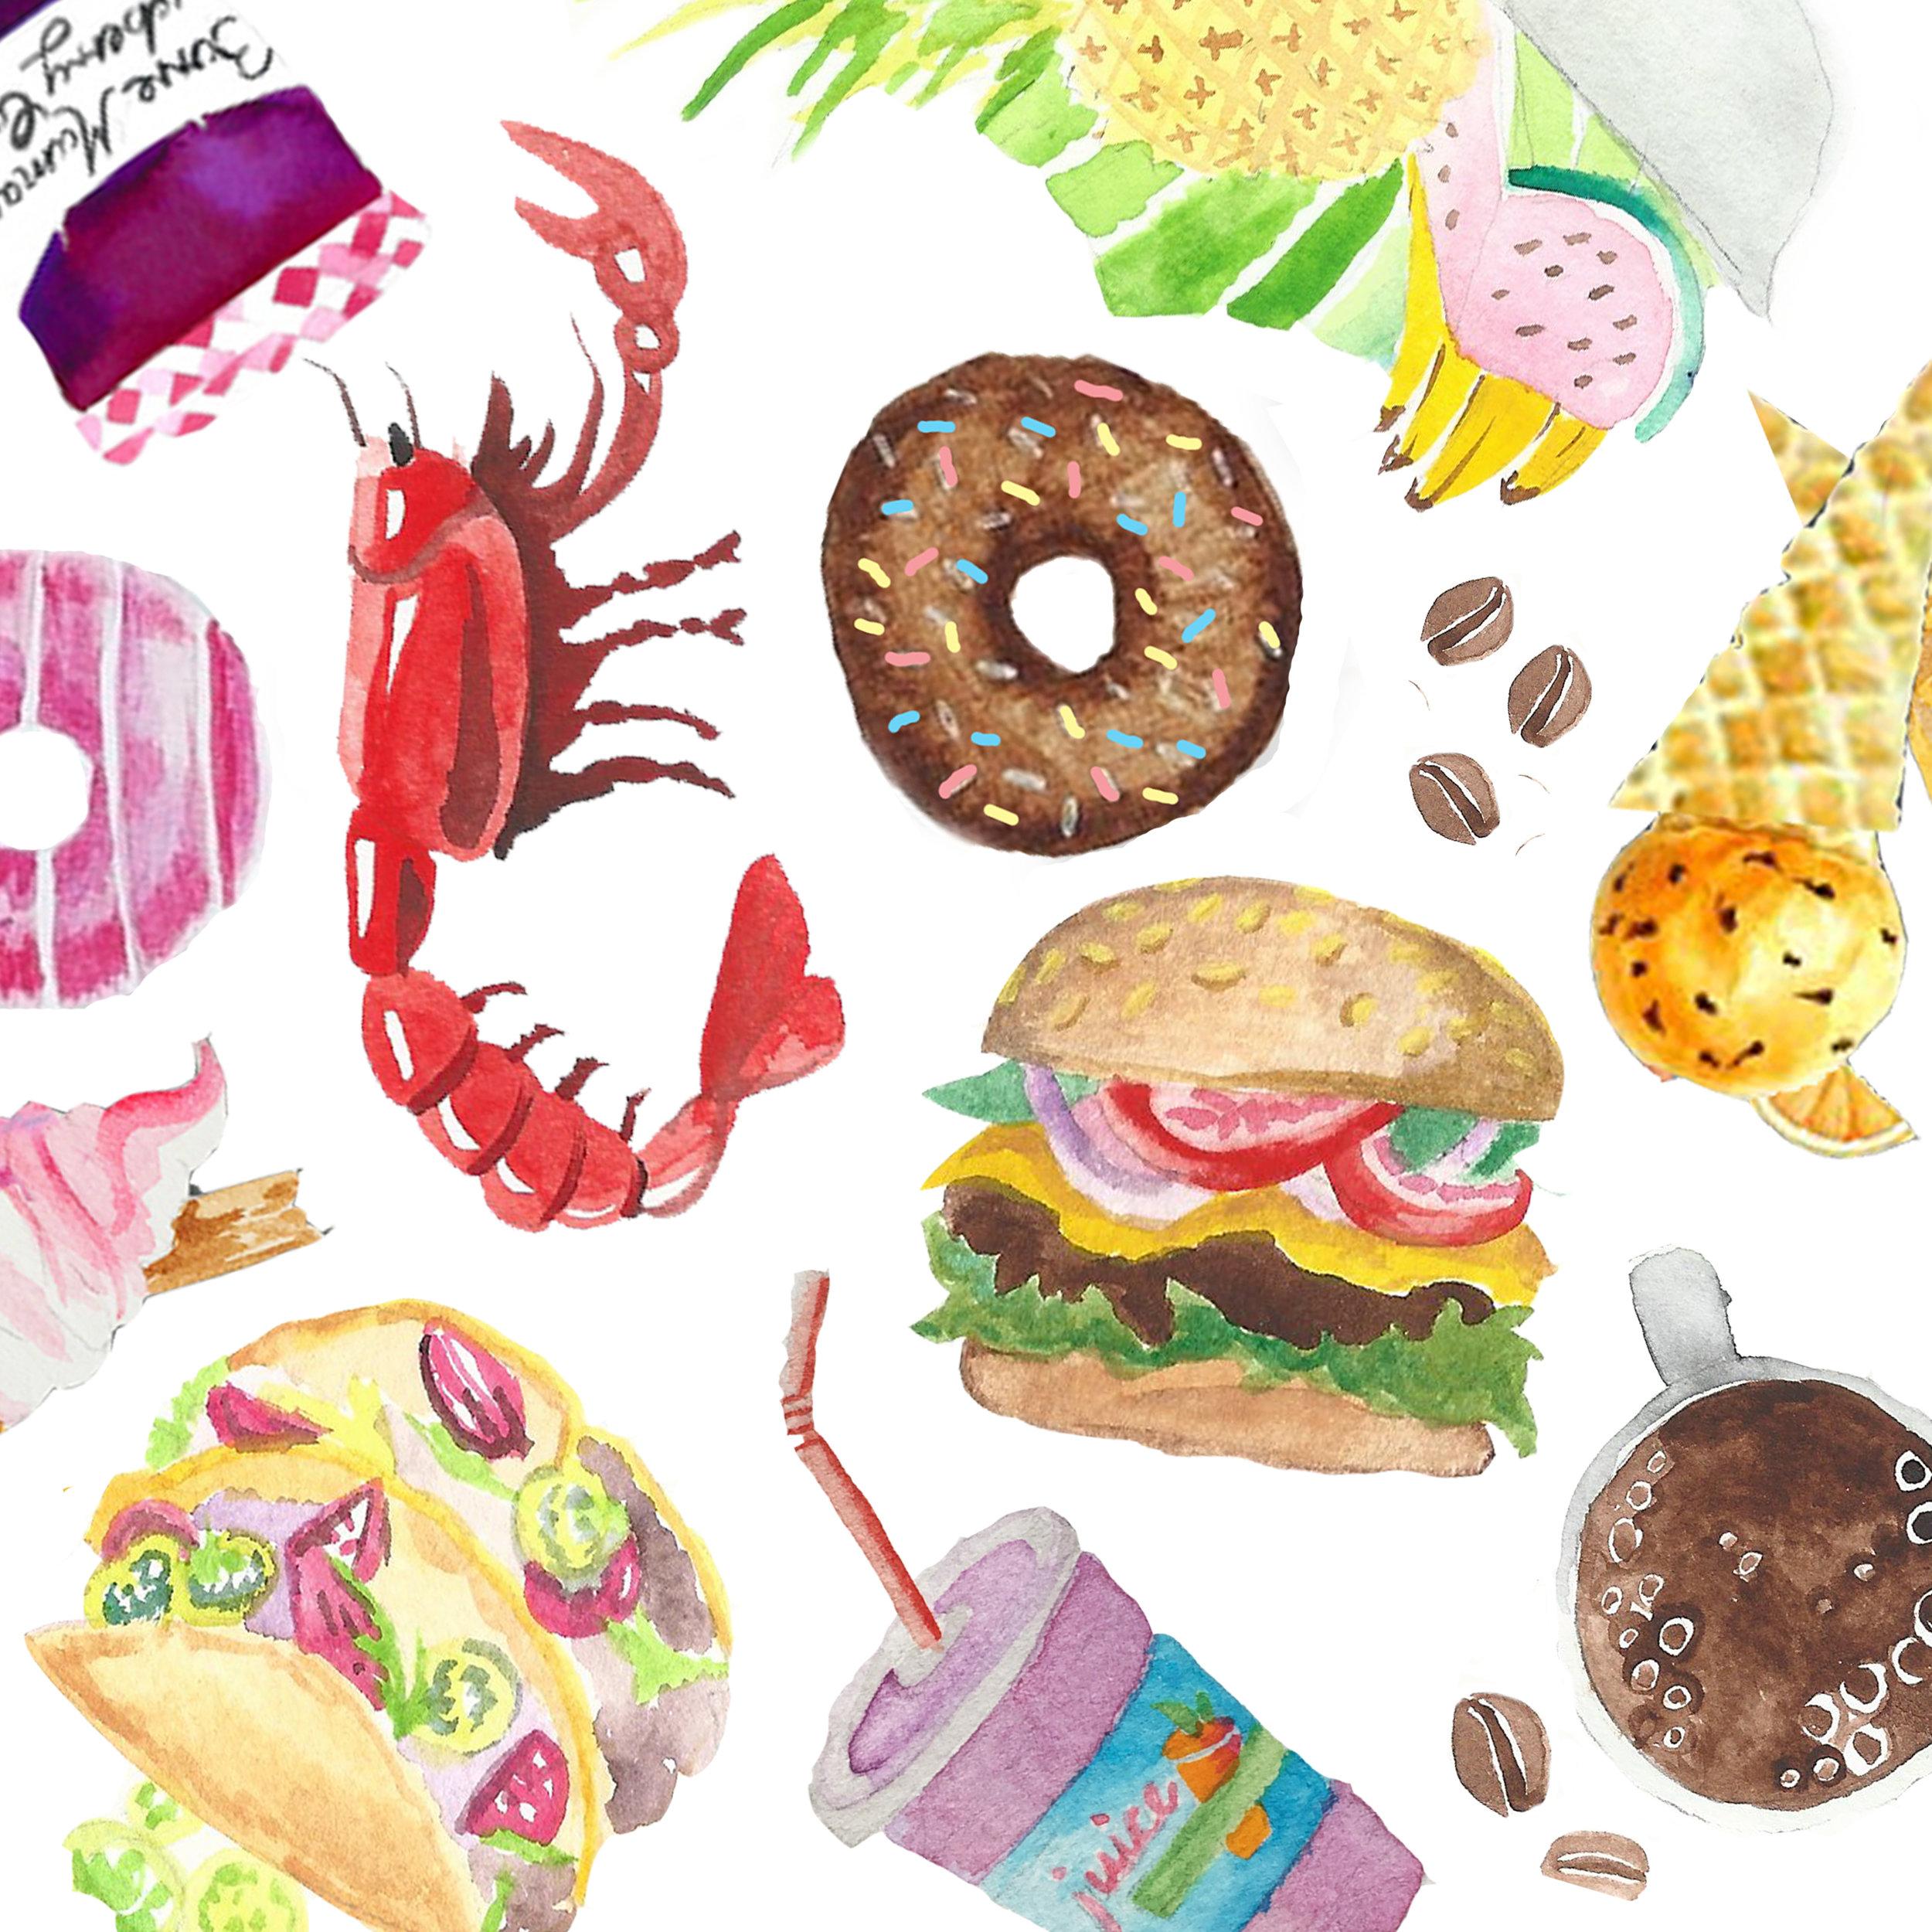 Food insta.jpg